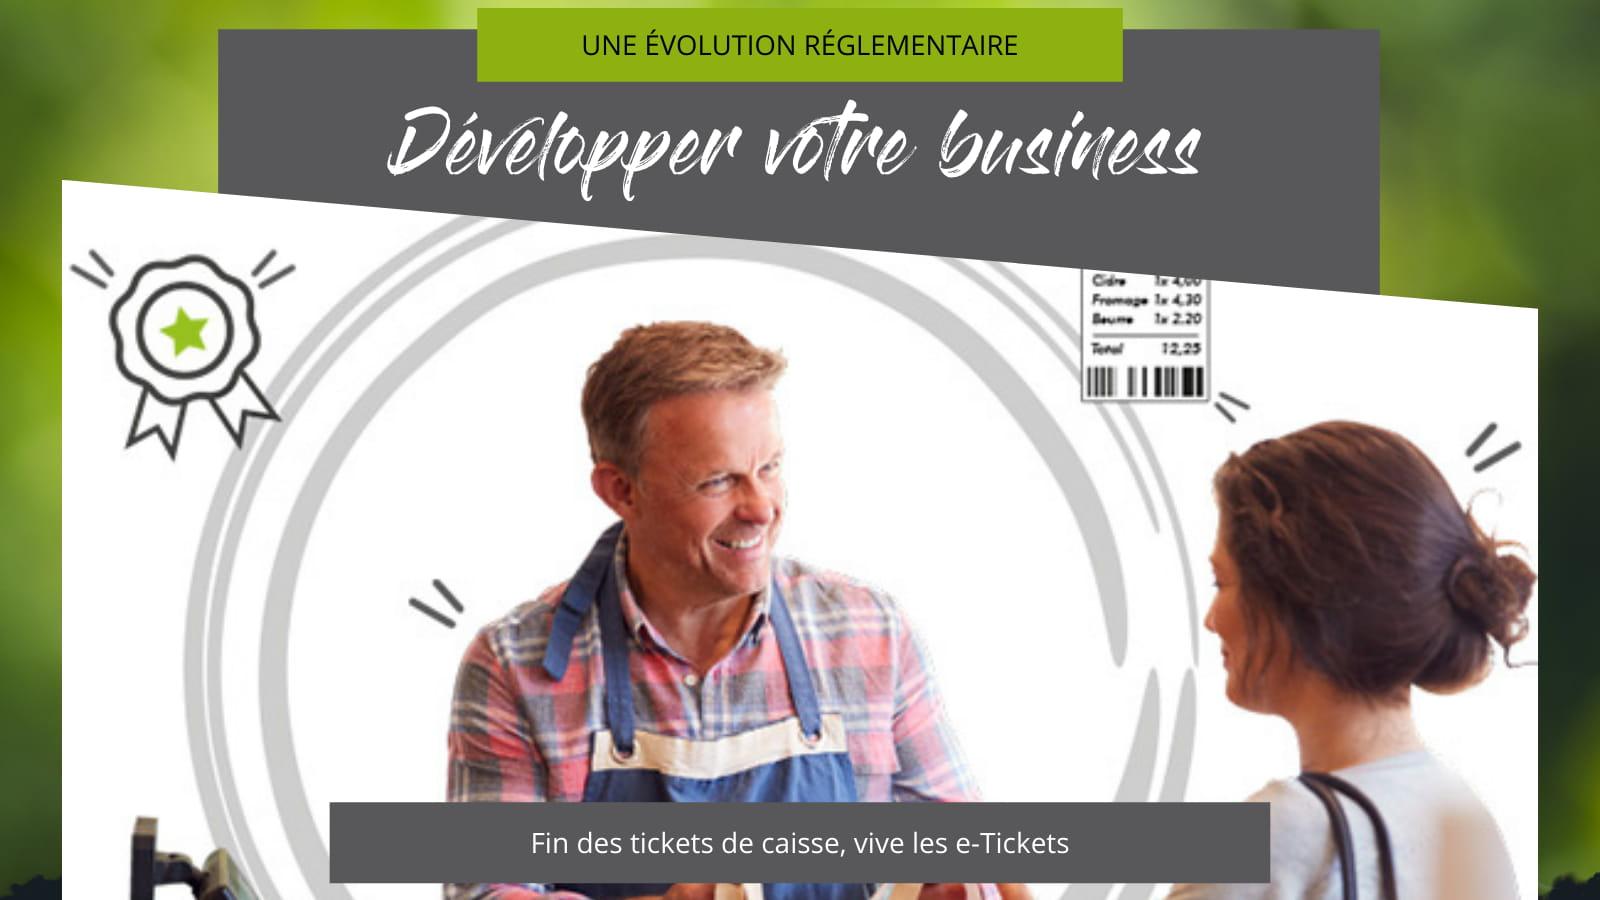 developper votre business : comment la fin des tickets imprimés peut booster mes ventes